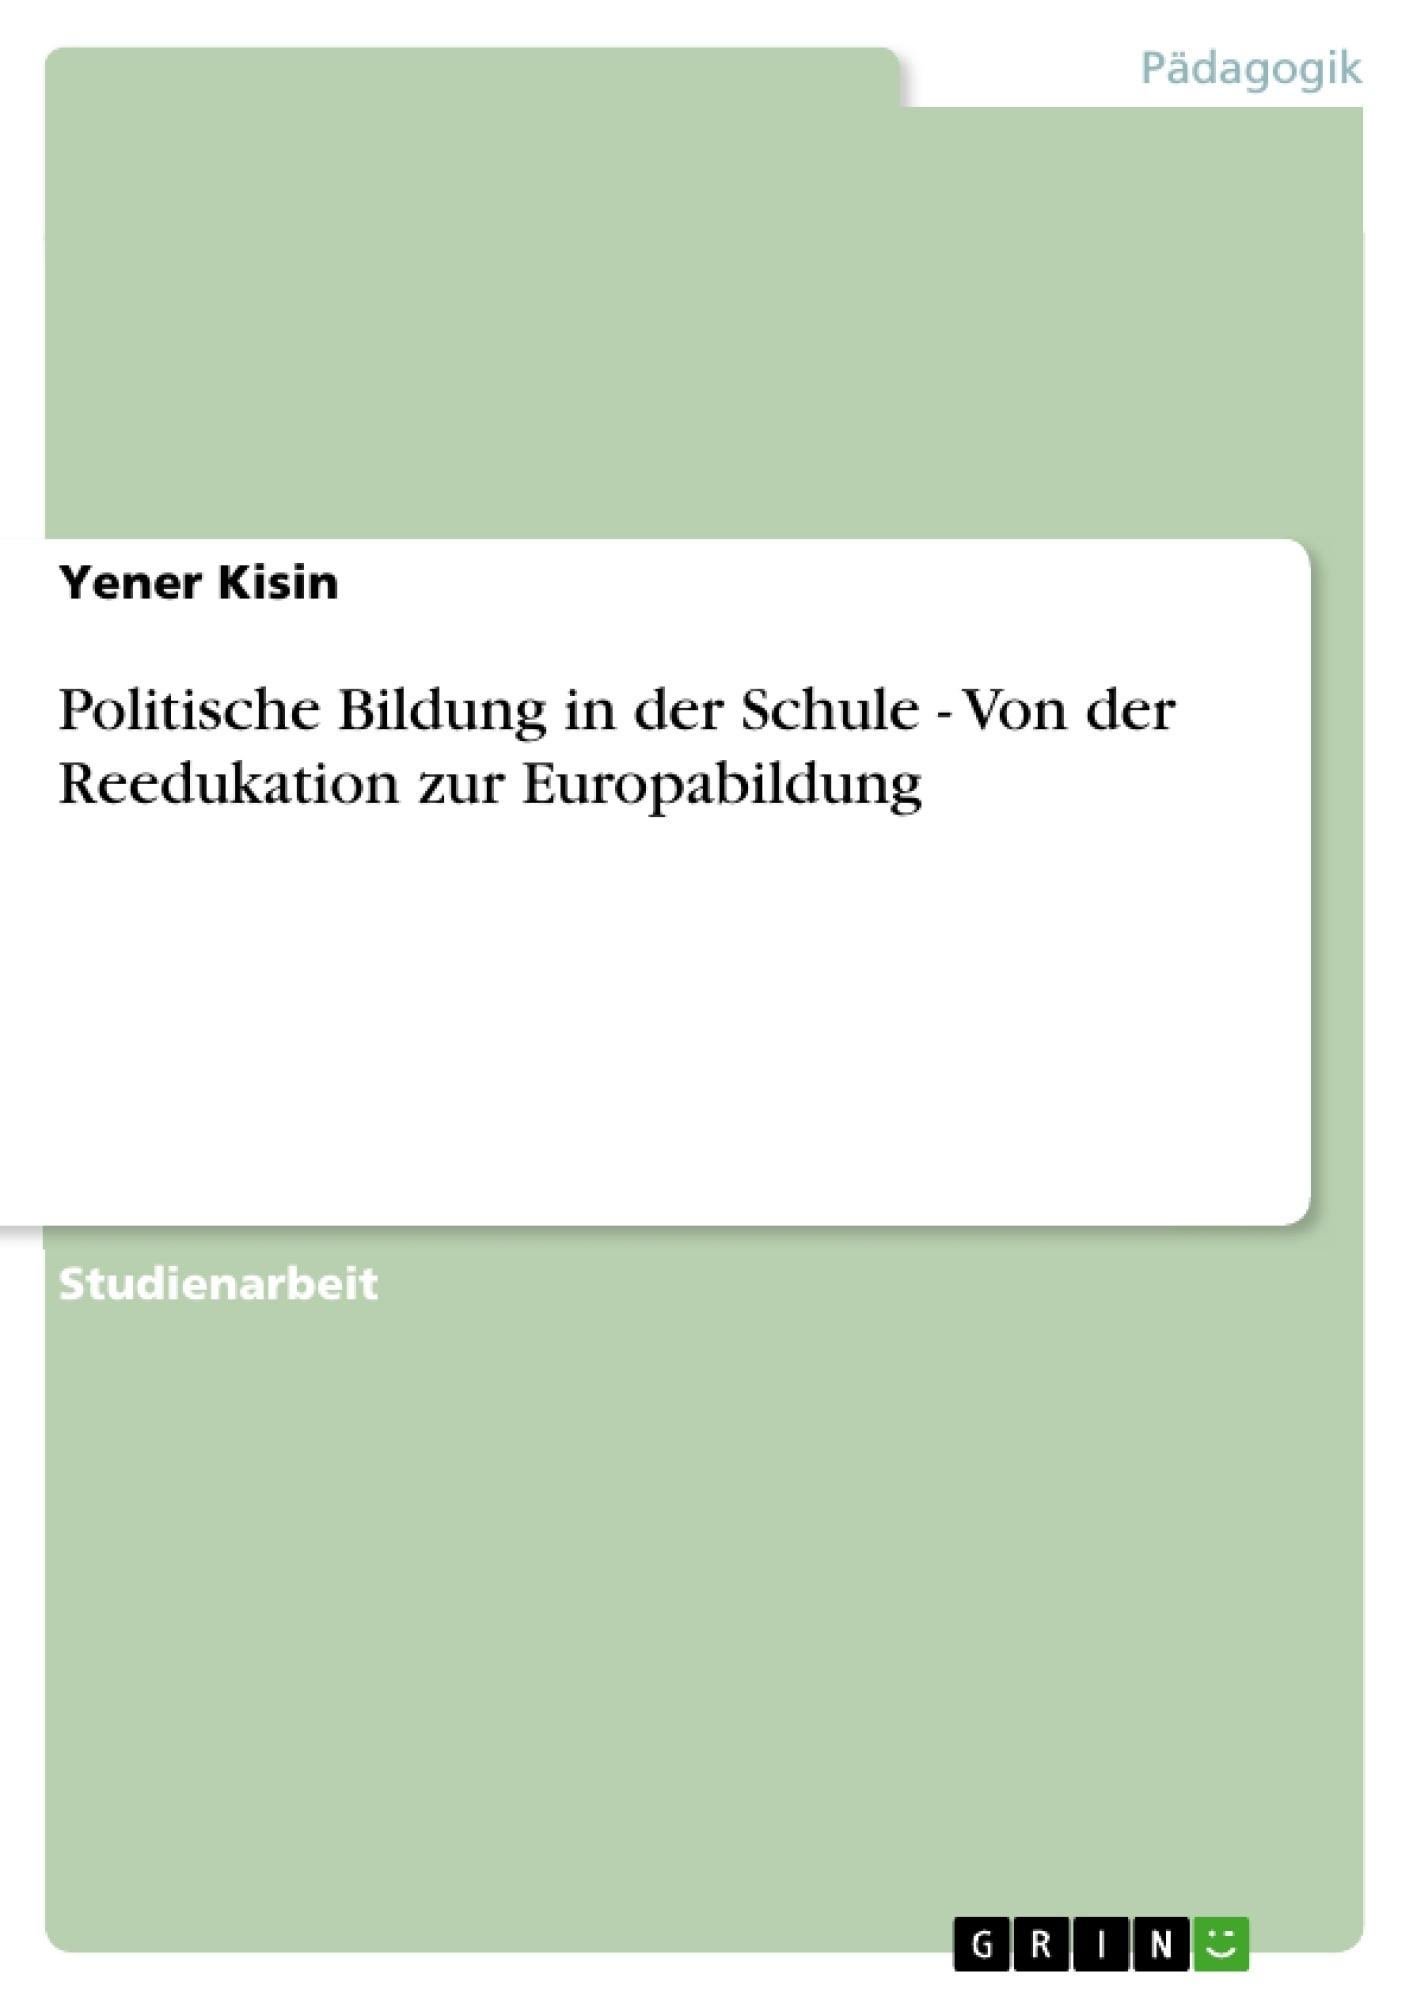 Titel: Politische Bildung in der Schule - Von der Reedukation zur Europabildung